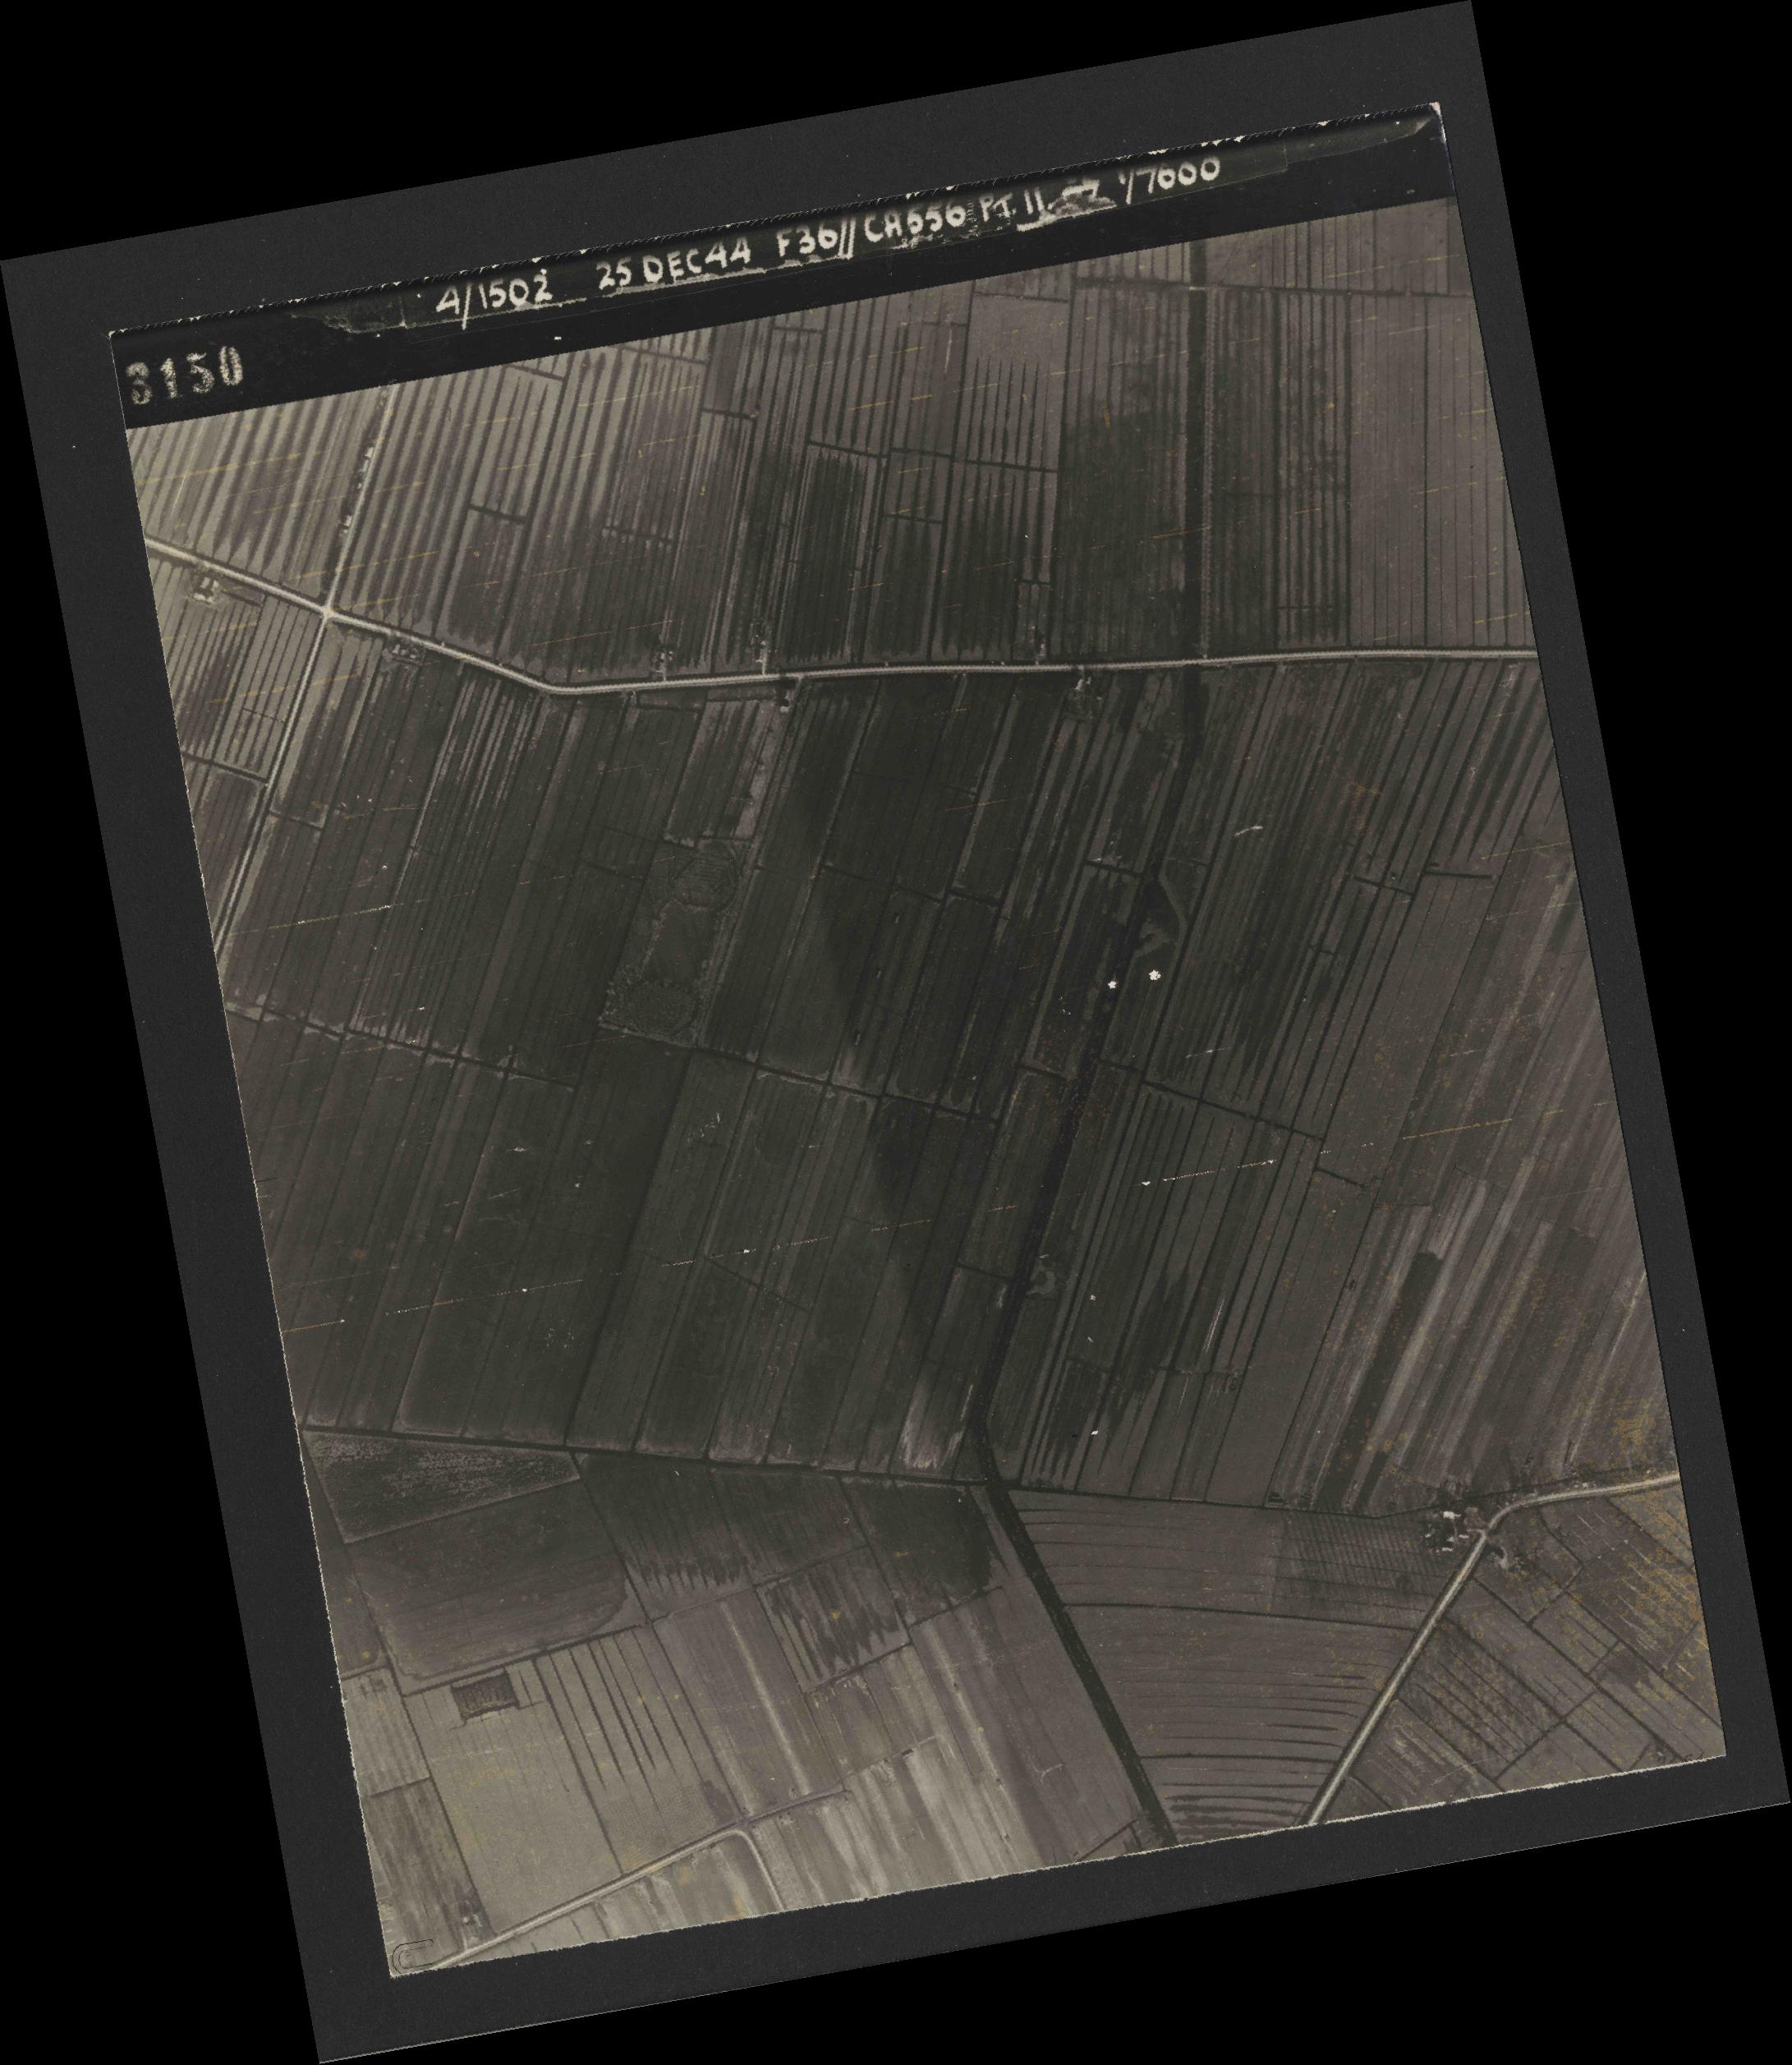 Collection RAF aerial photos 1940-1945 - flight 306, run 06, photo 3150